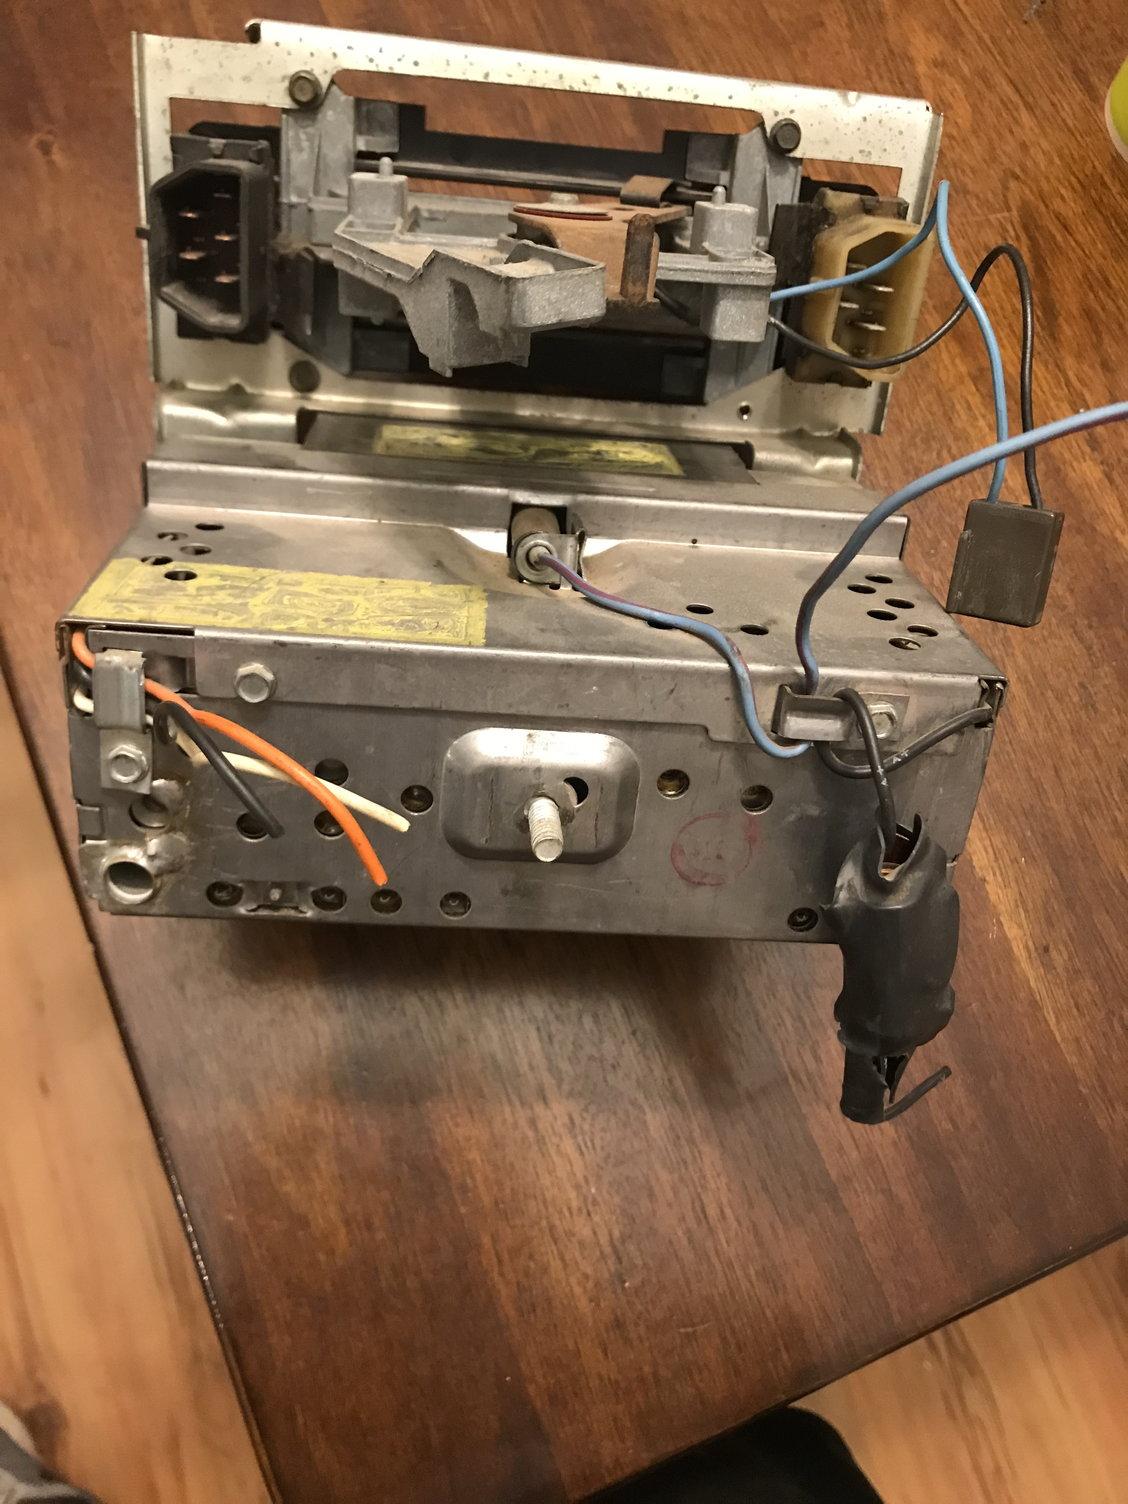 f100 ford radio wiring 1979 radio wiring ford truck enthusiasts forums  1979 radio wiring ford truck